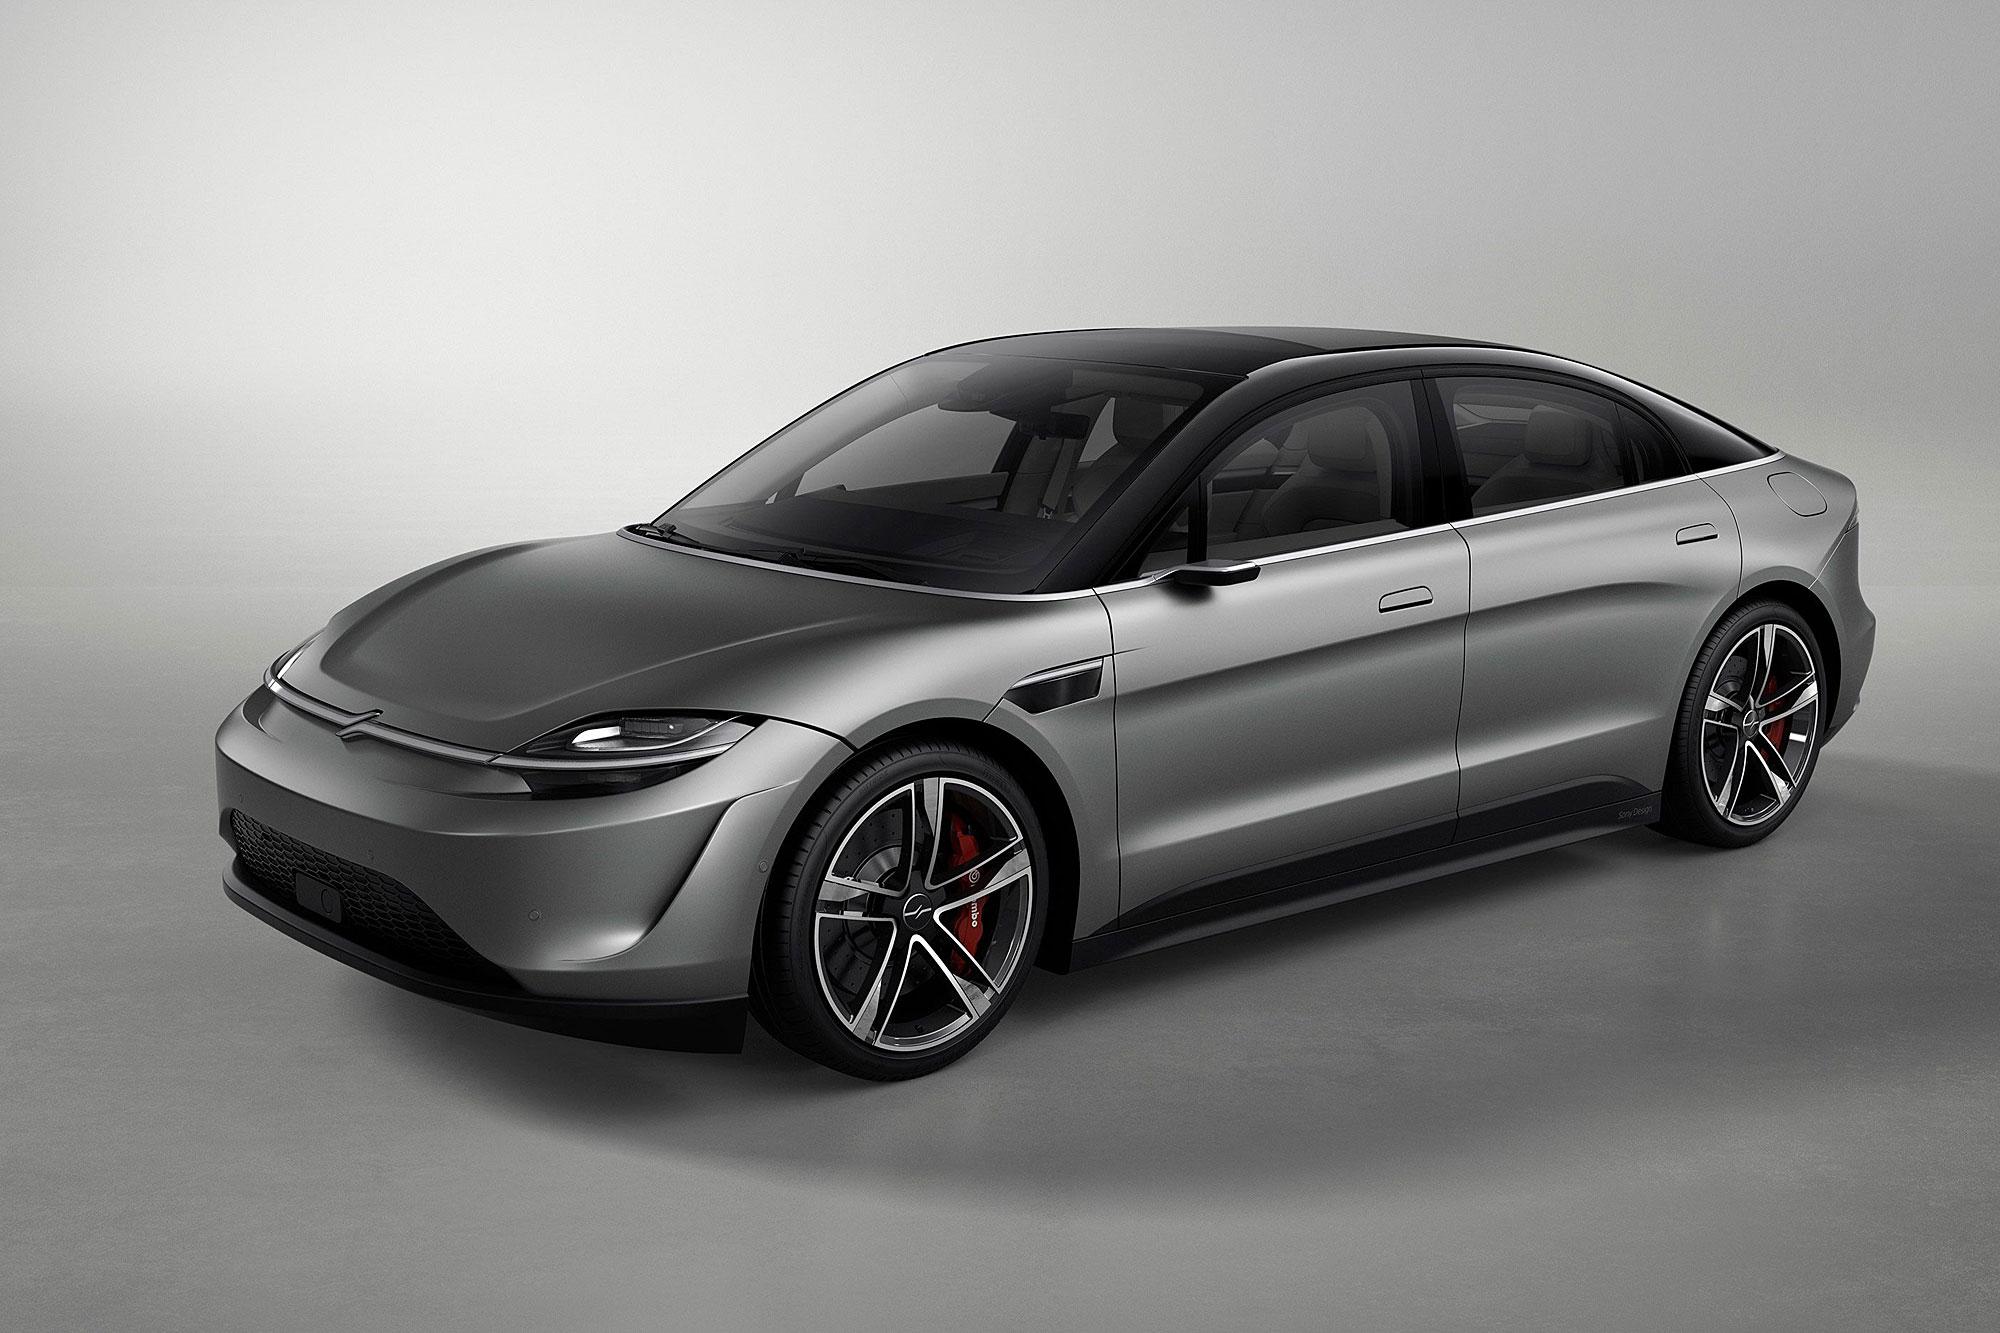 外觀設計帶有許多新創電動車產品的影子。